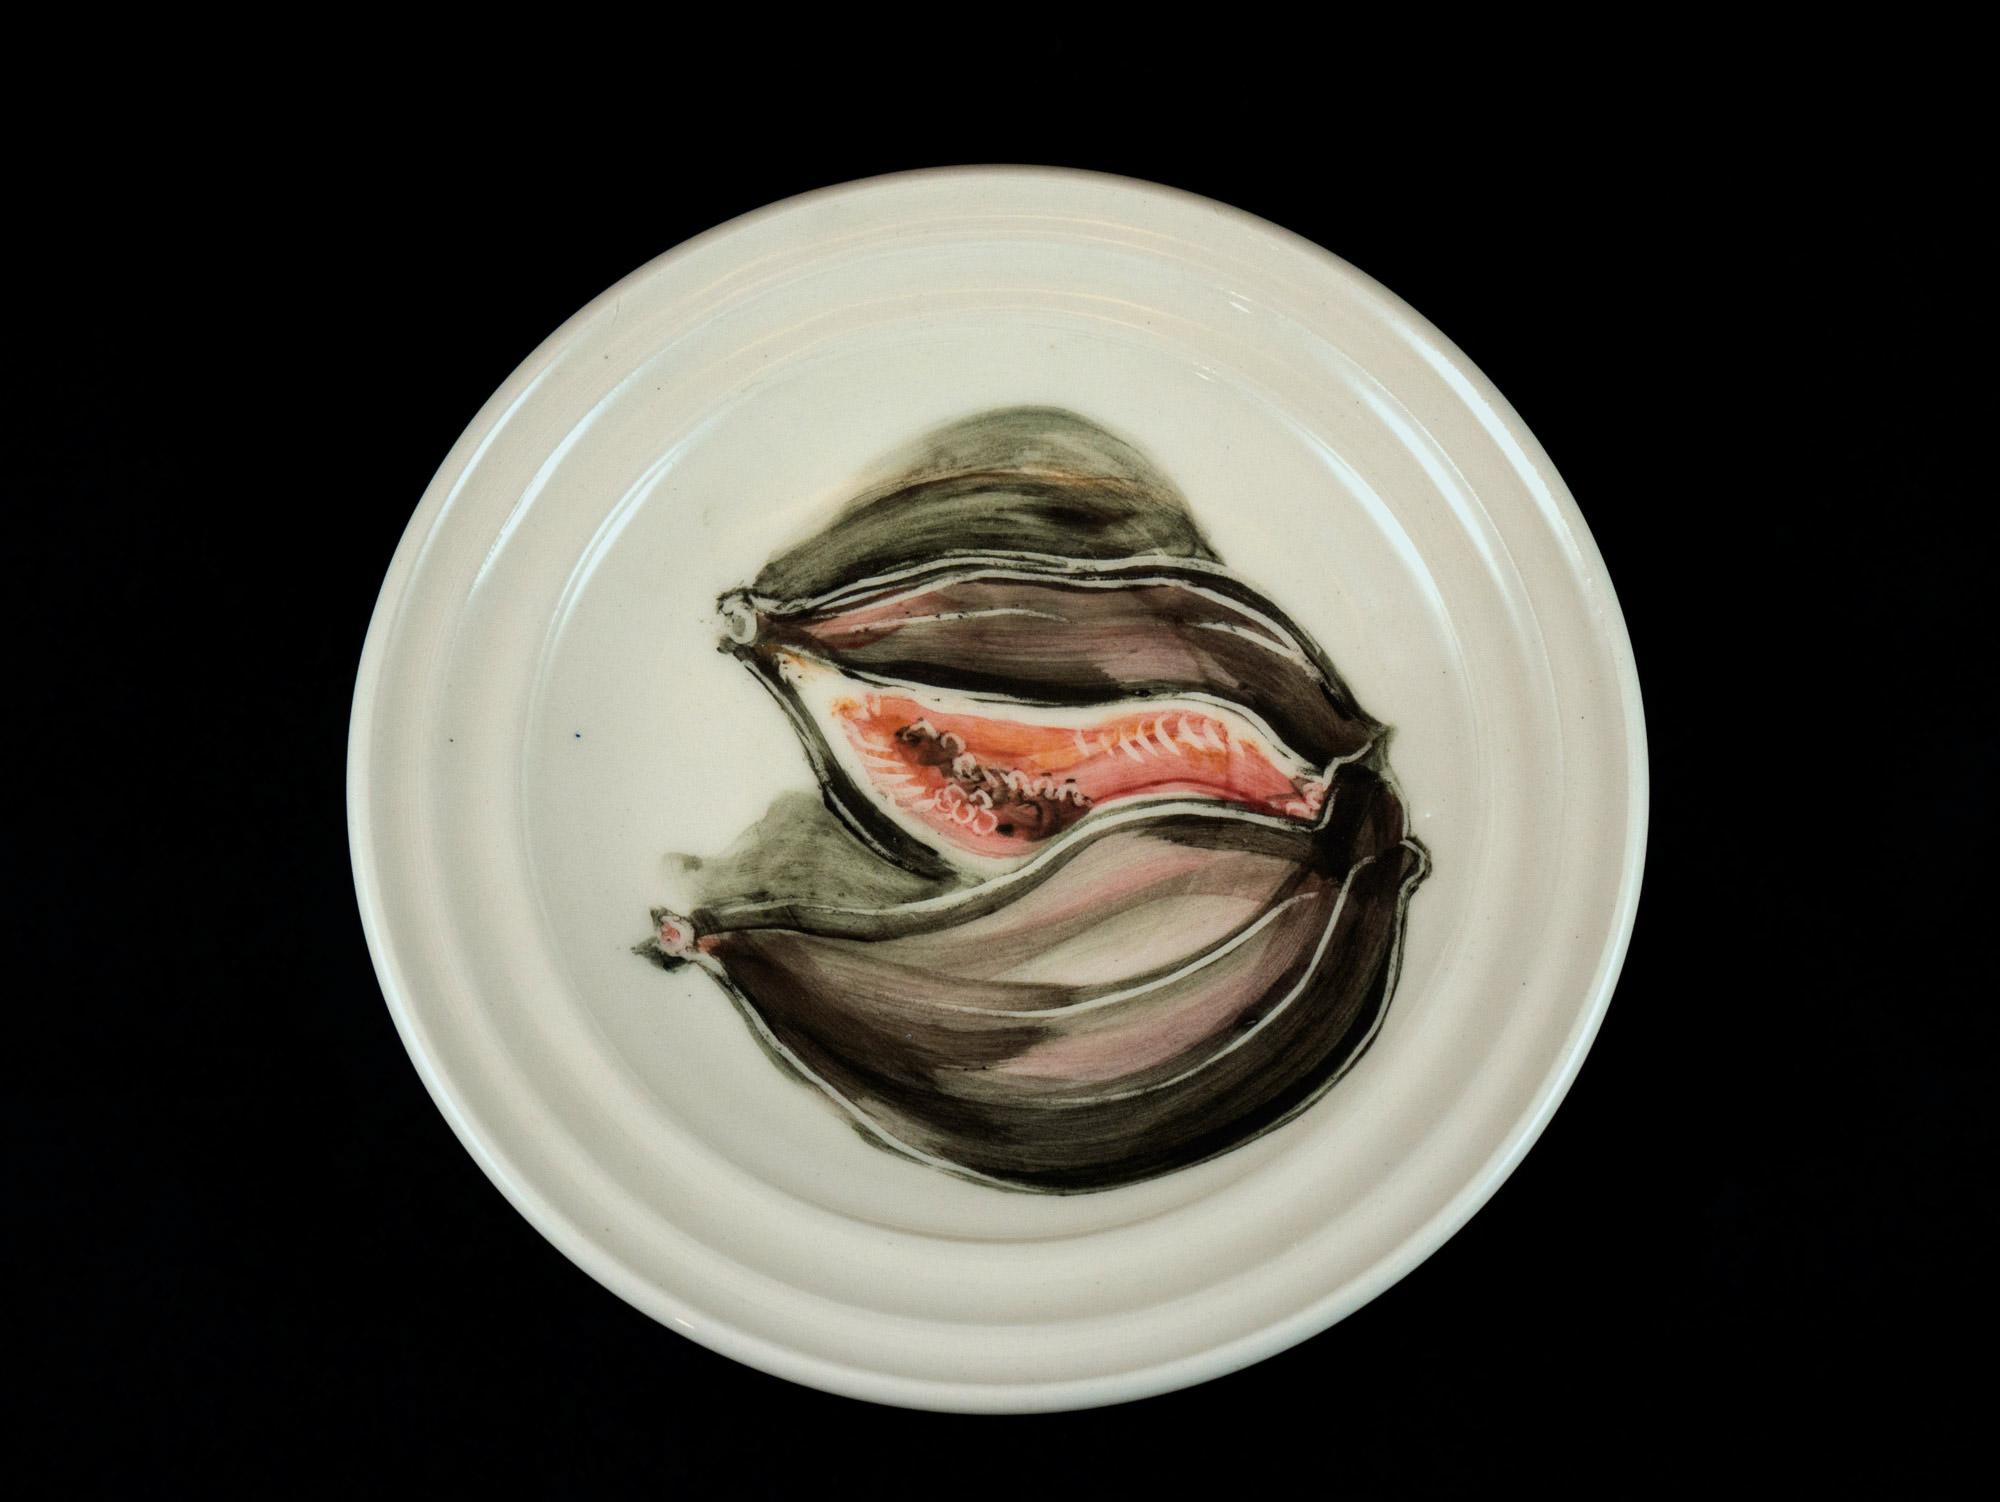 Collaborative Plate